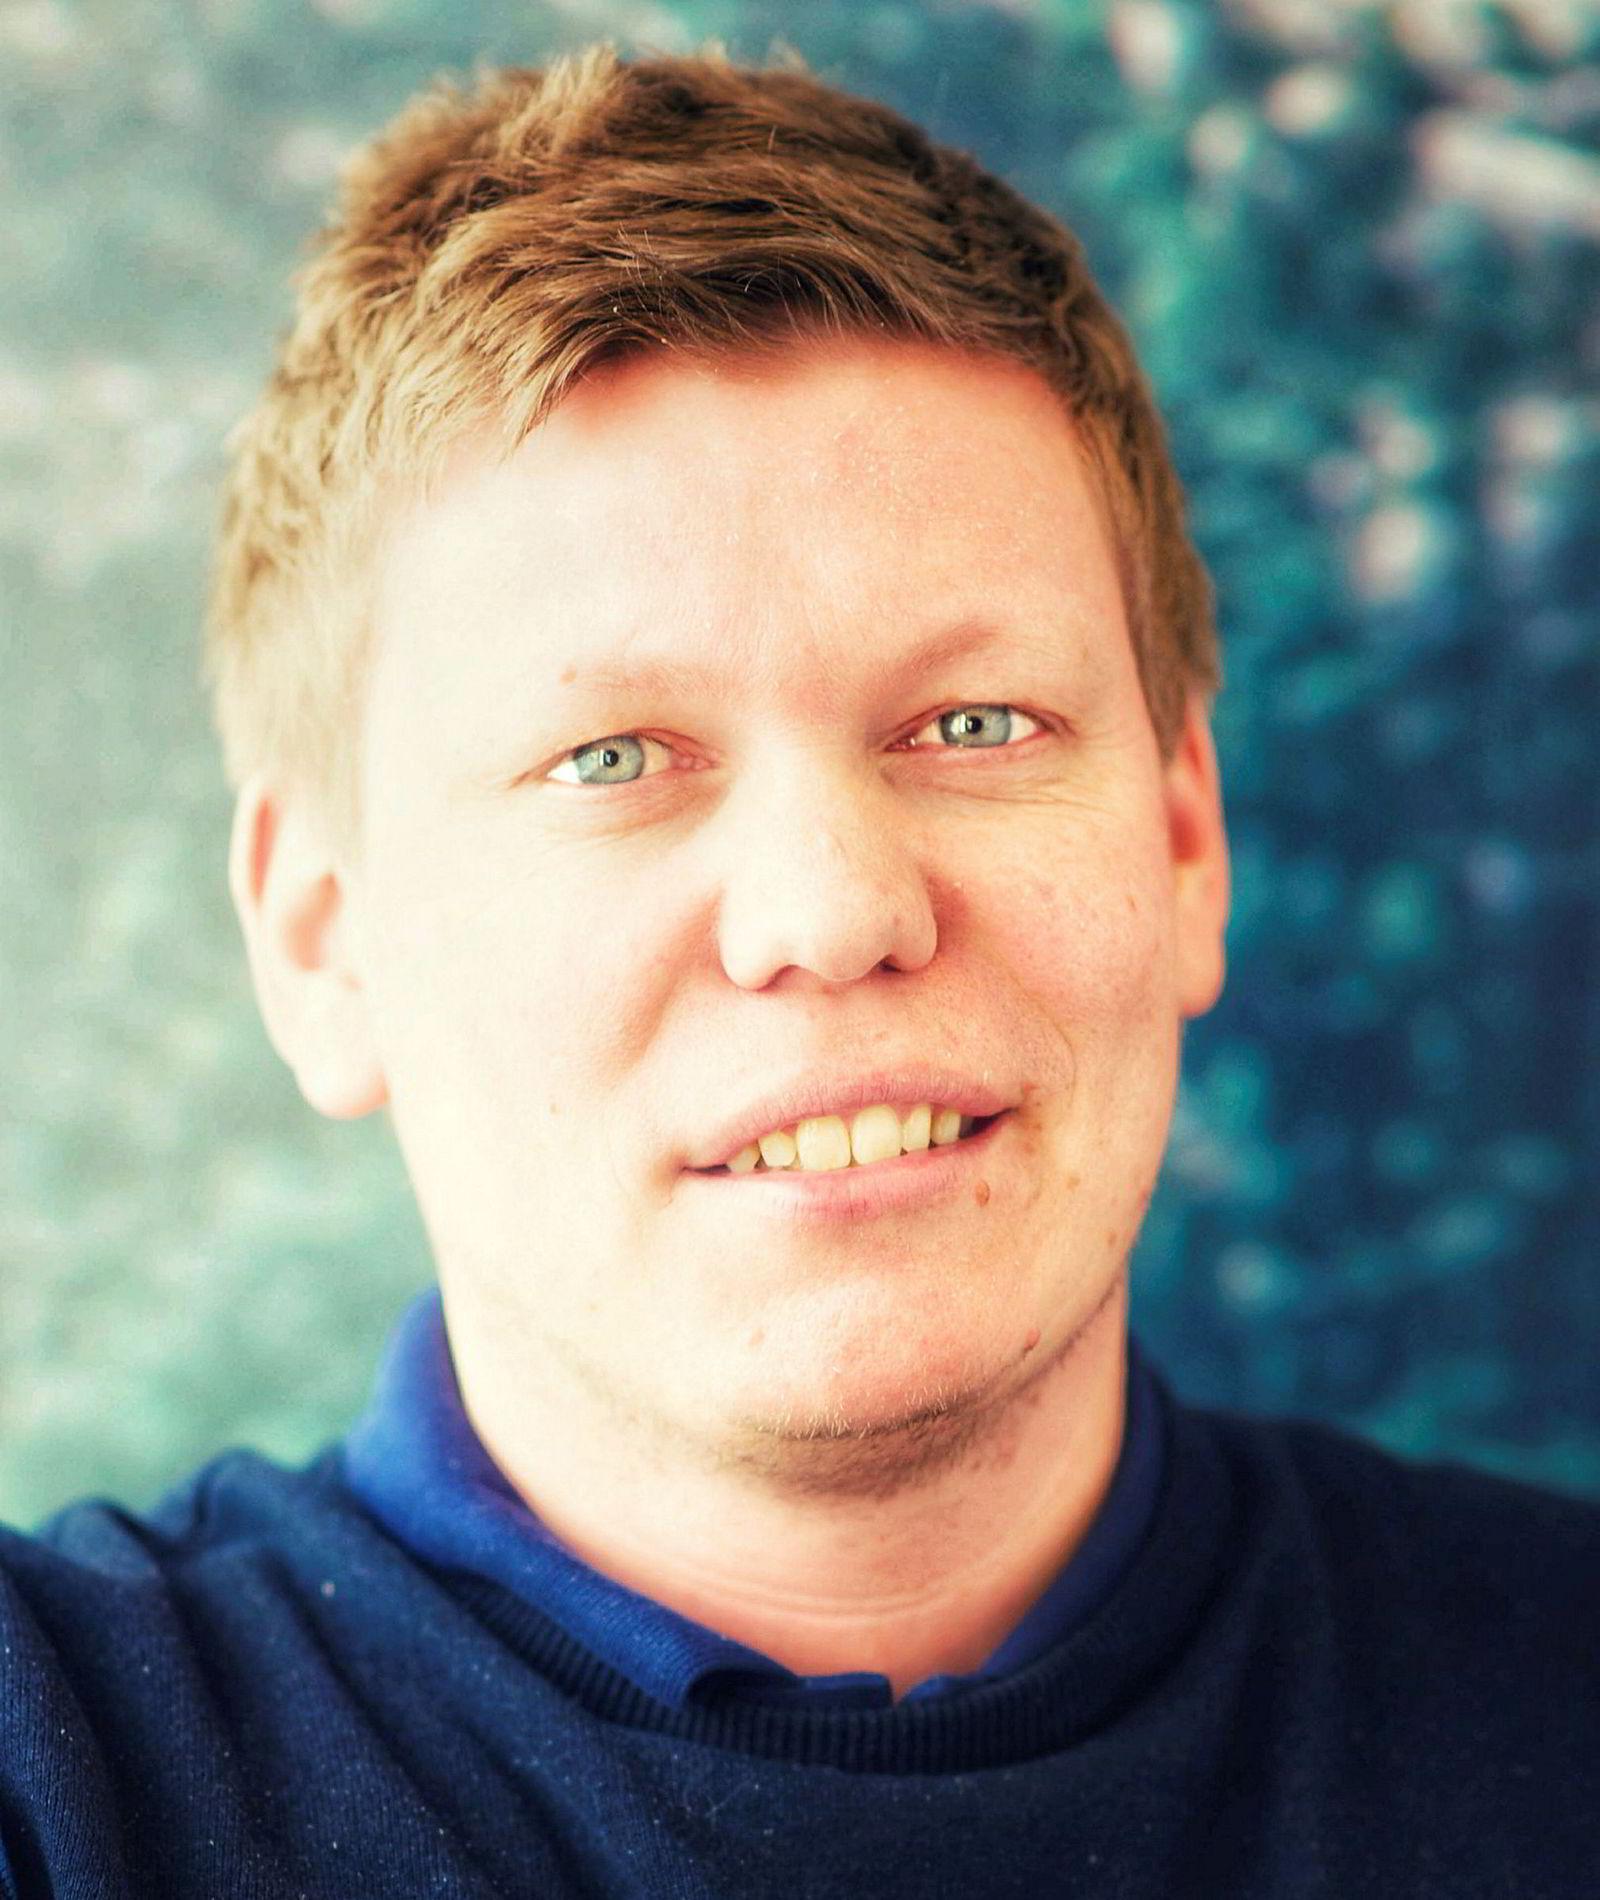 Roy-André Tollefsen